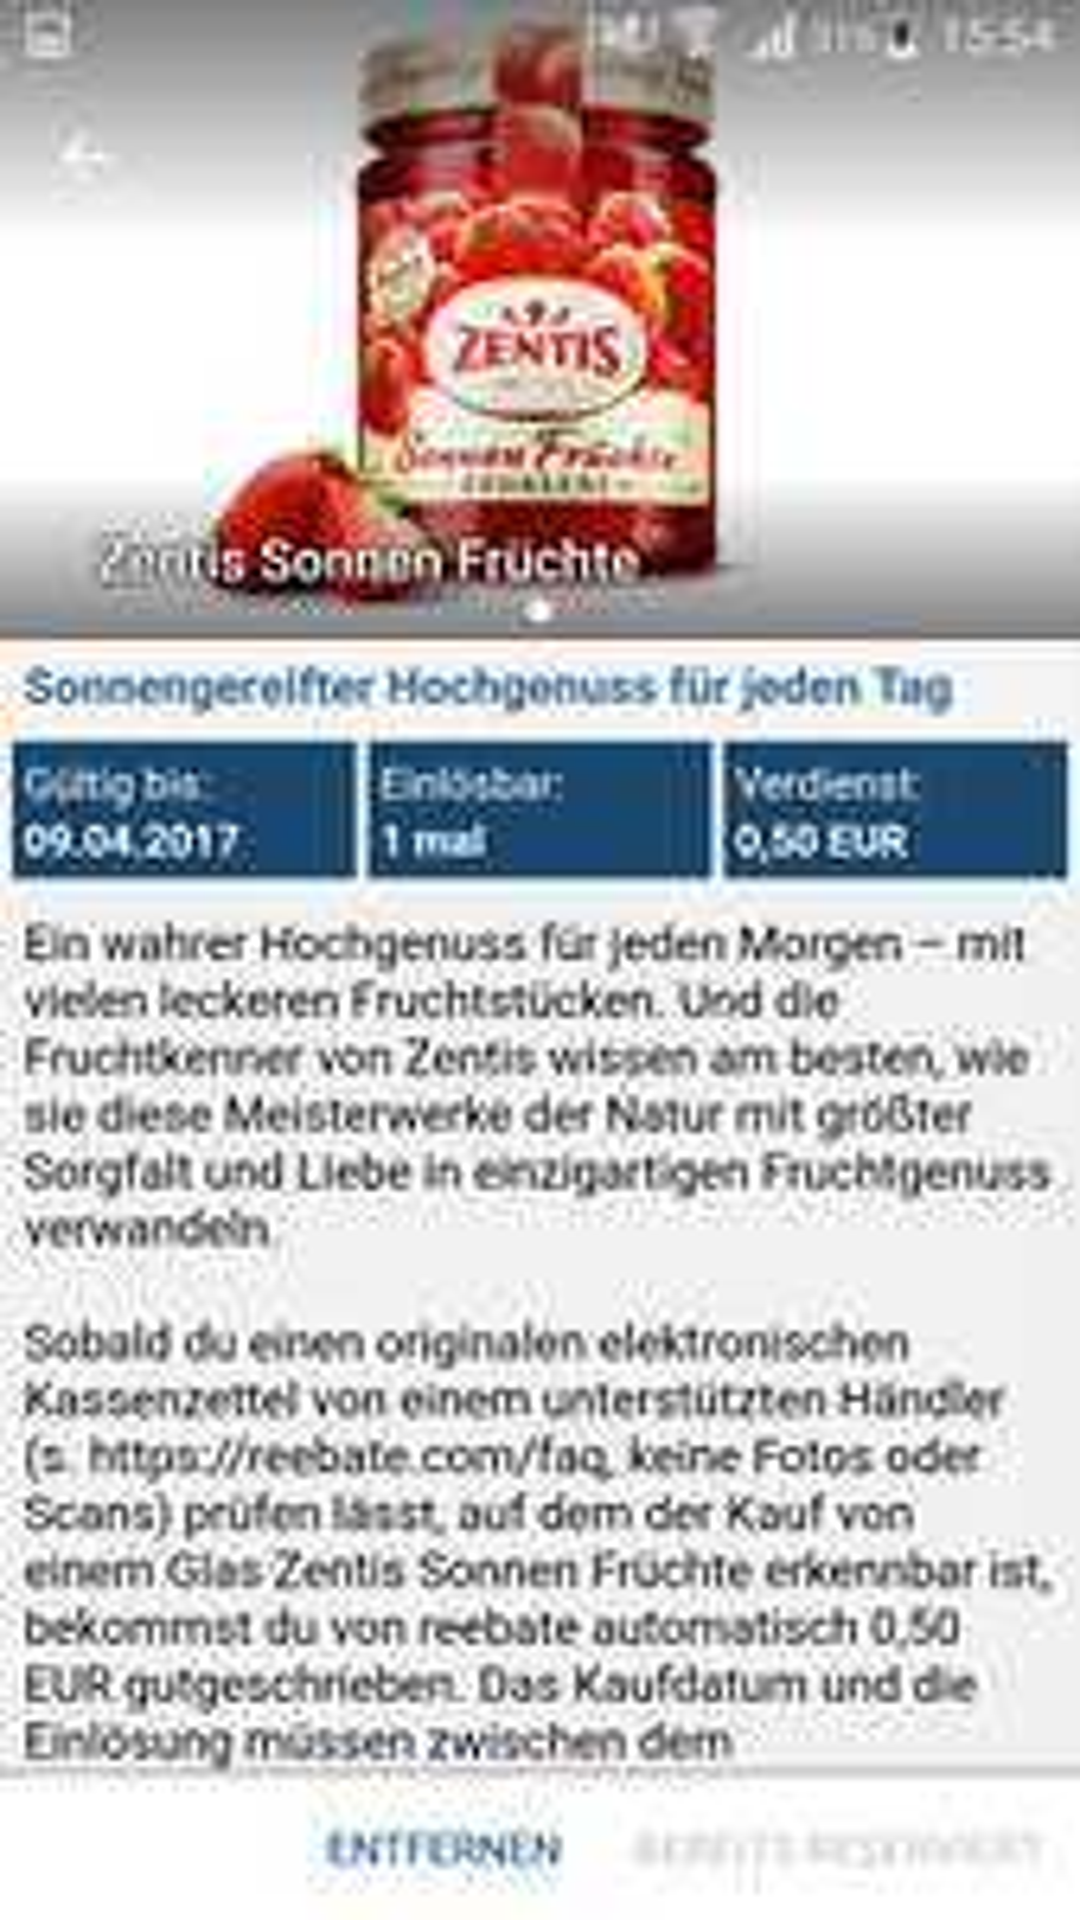 Zentis Sonnen Früchte - 0,50€ GEWINN durch REEBATE (und GZG Aktion)